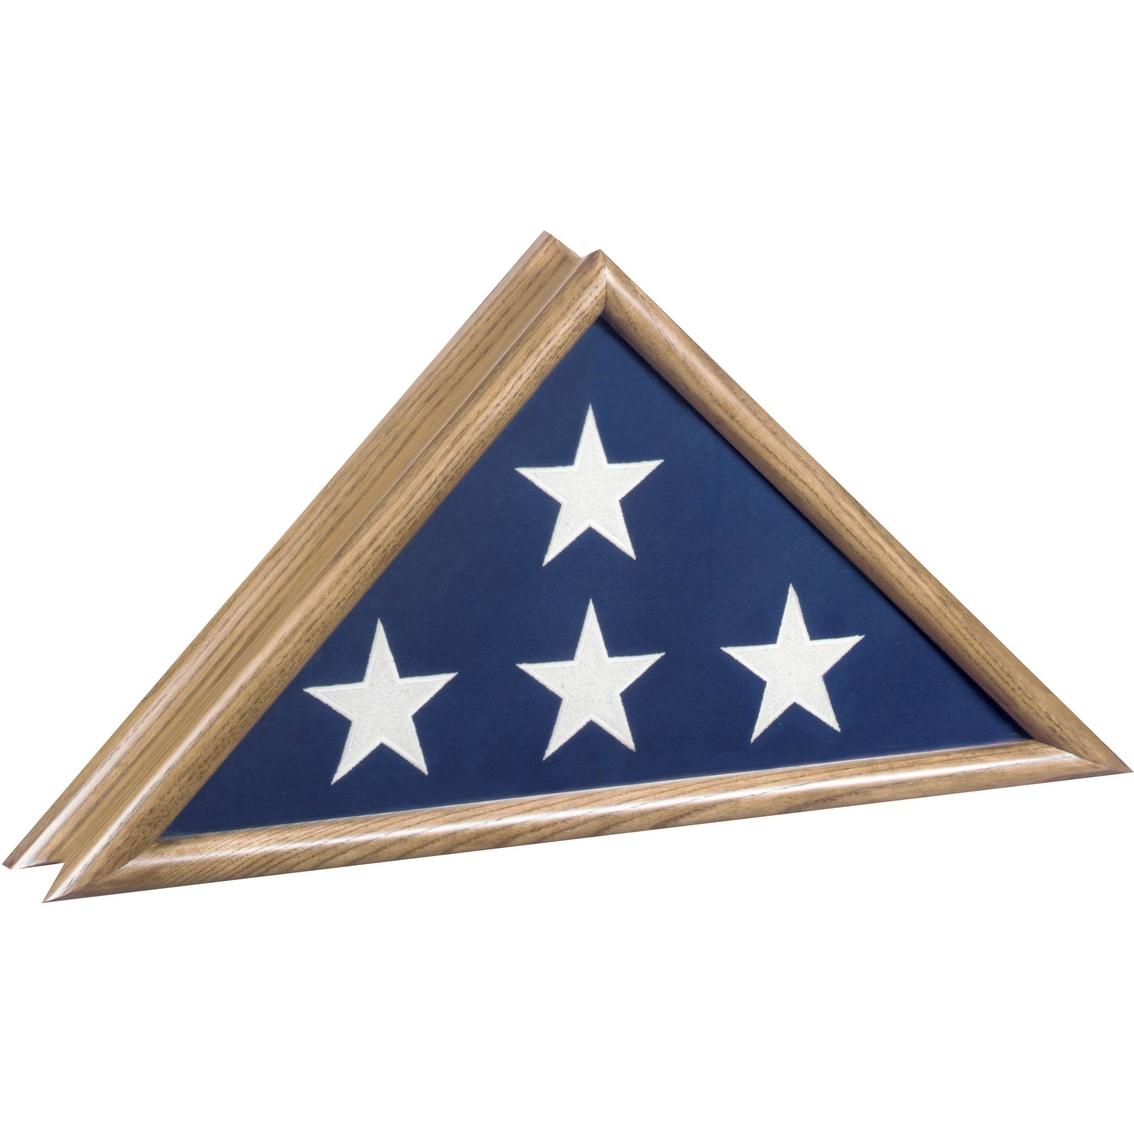 Spartacraft Patriot Flag Display Case   Frames & Displays   Gifts ...